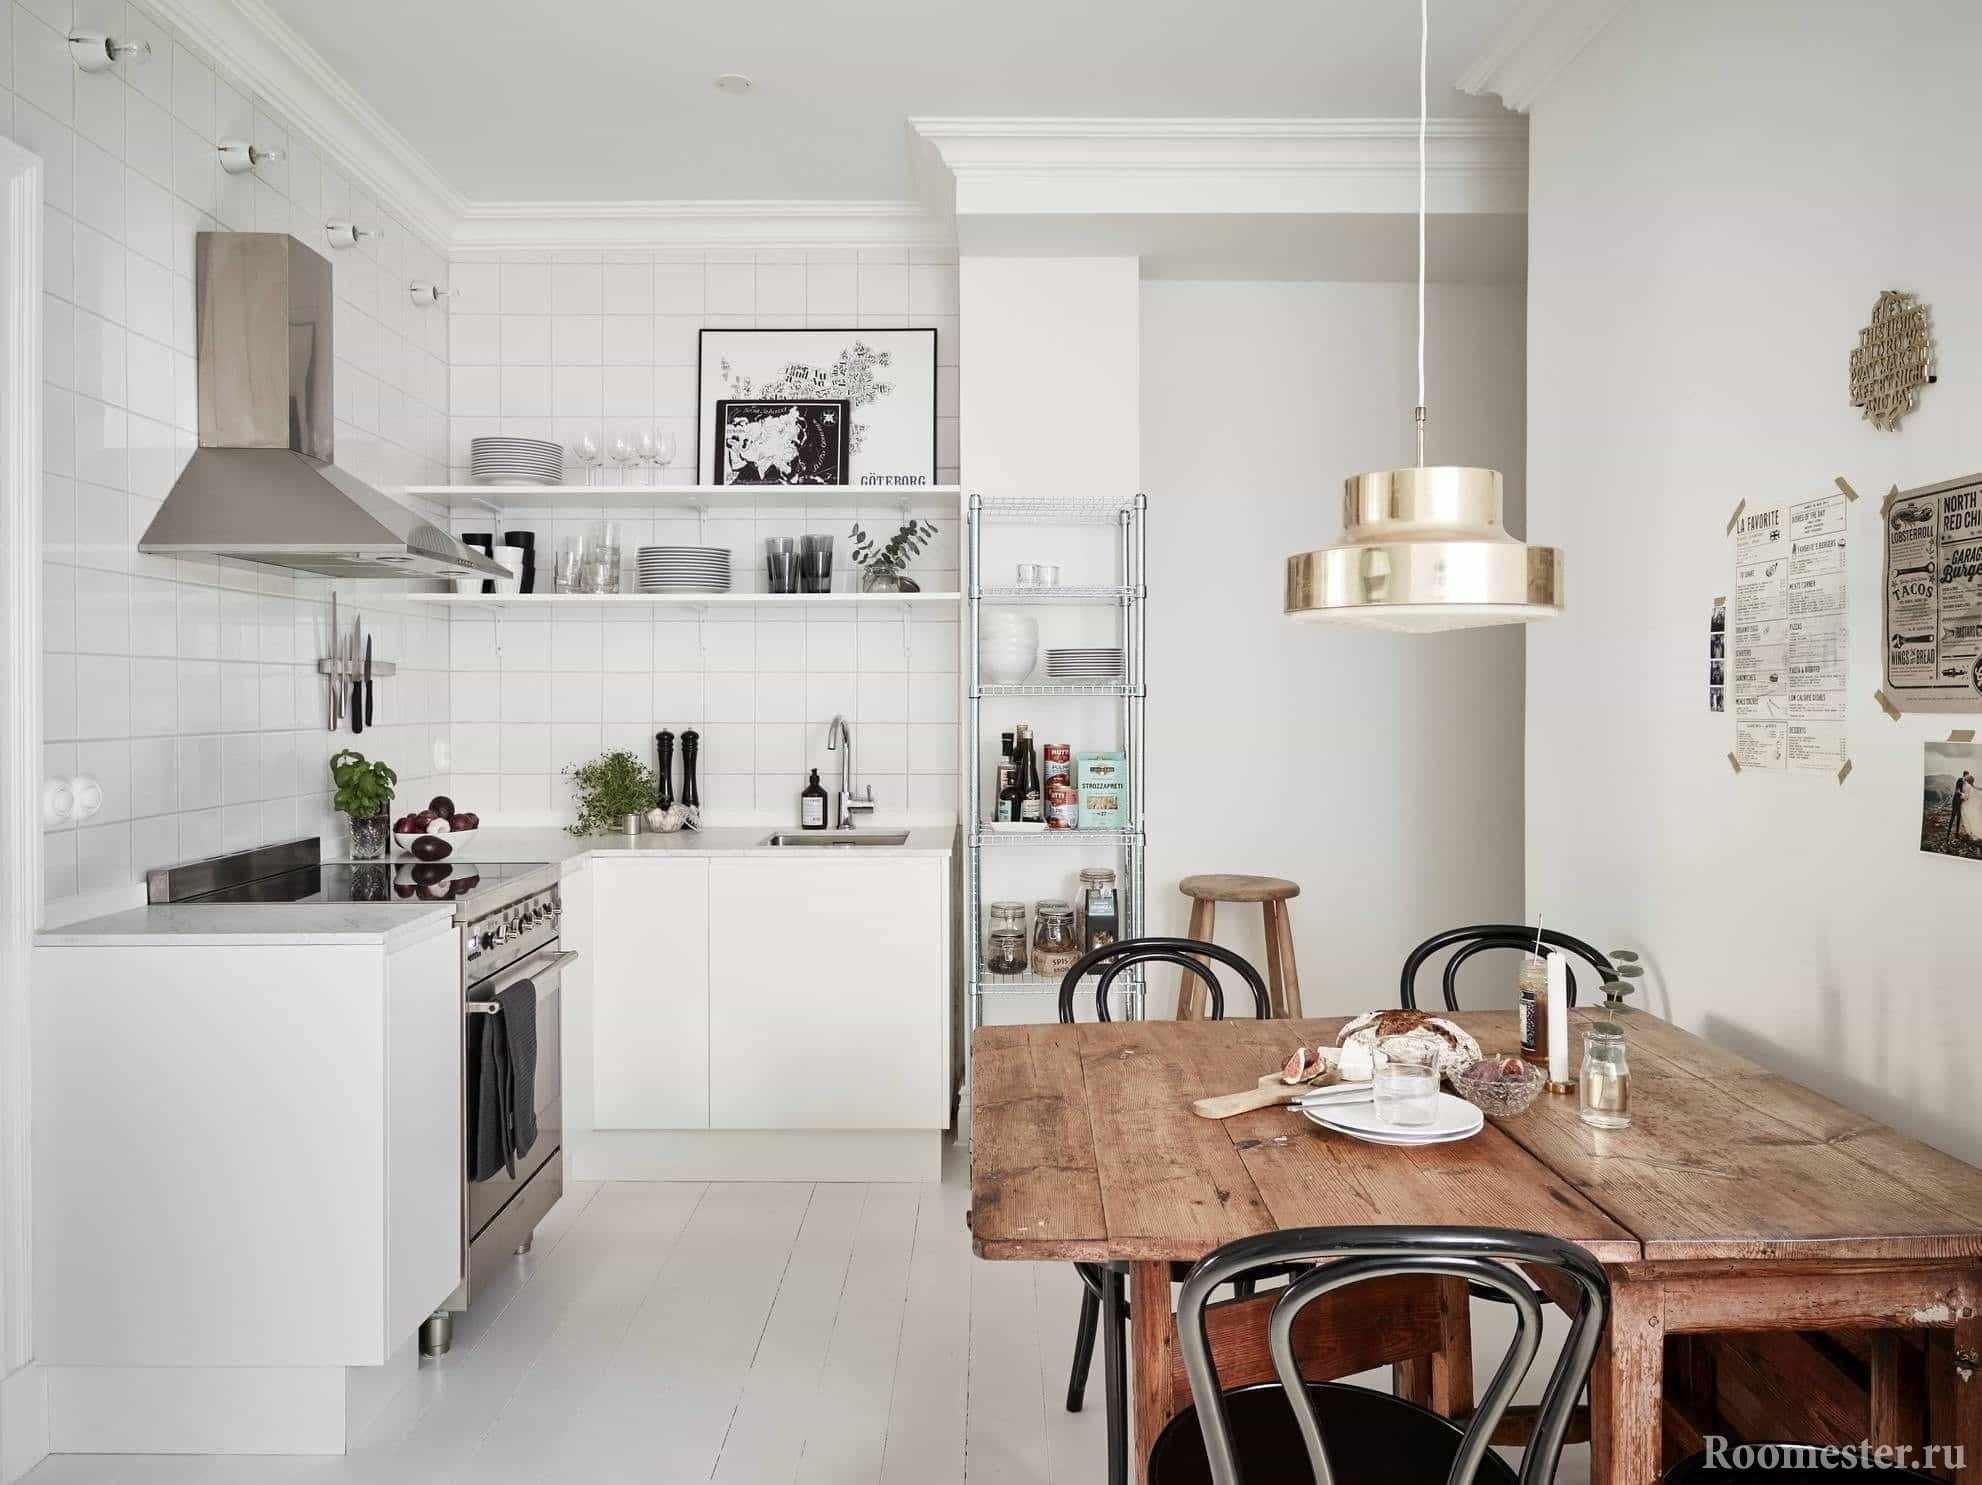 Белоснежная кухня с раскладным деревянным столом